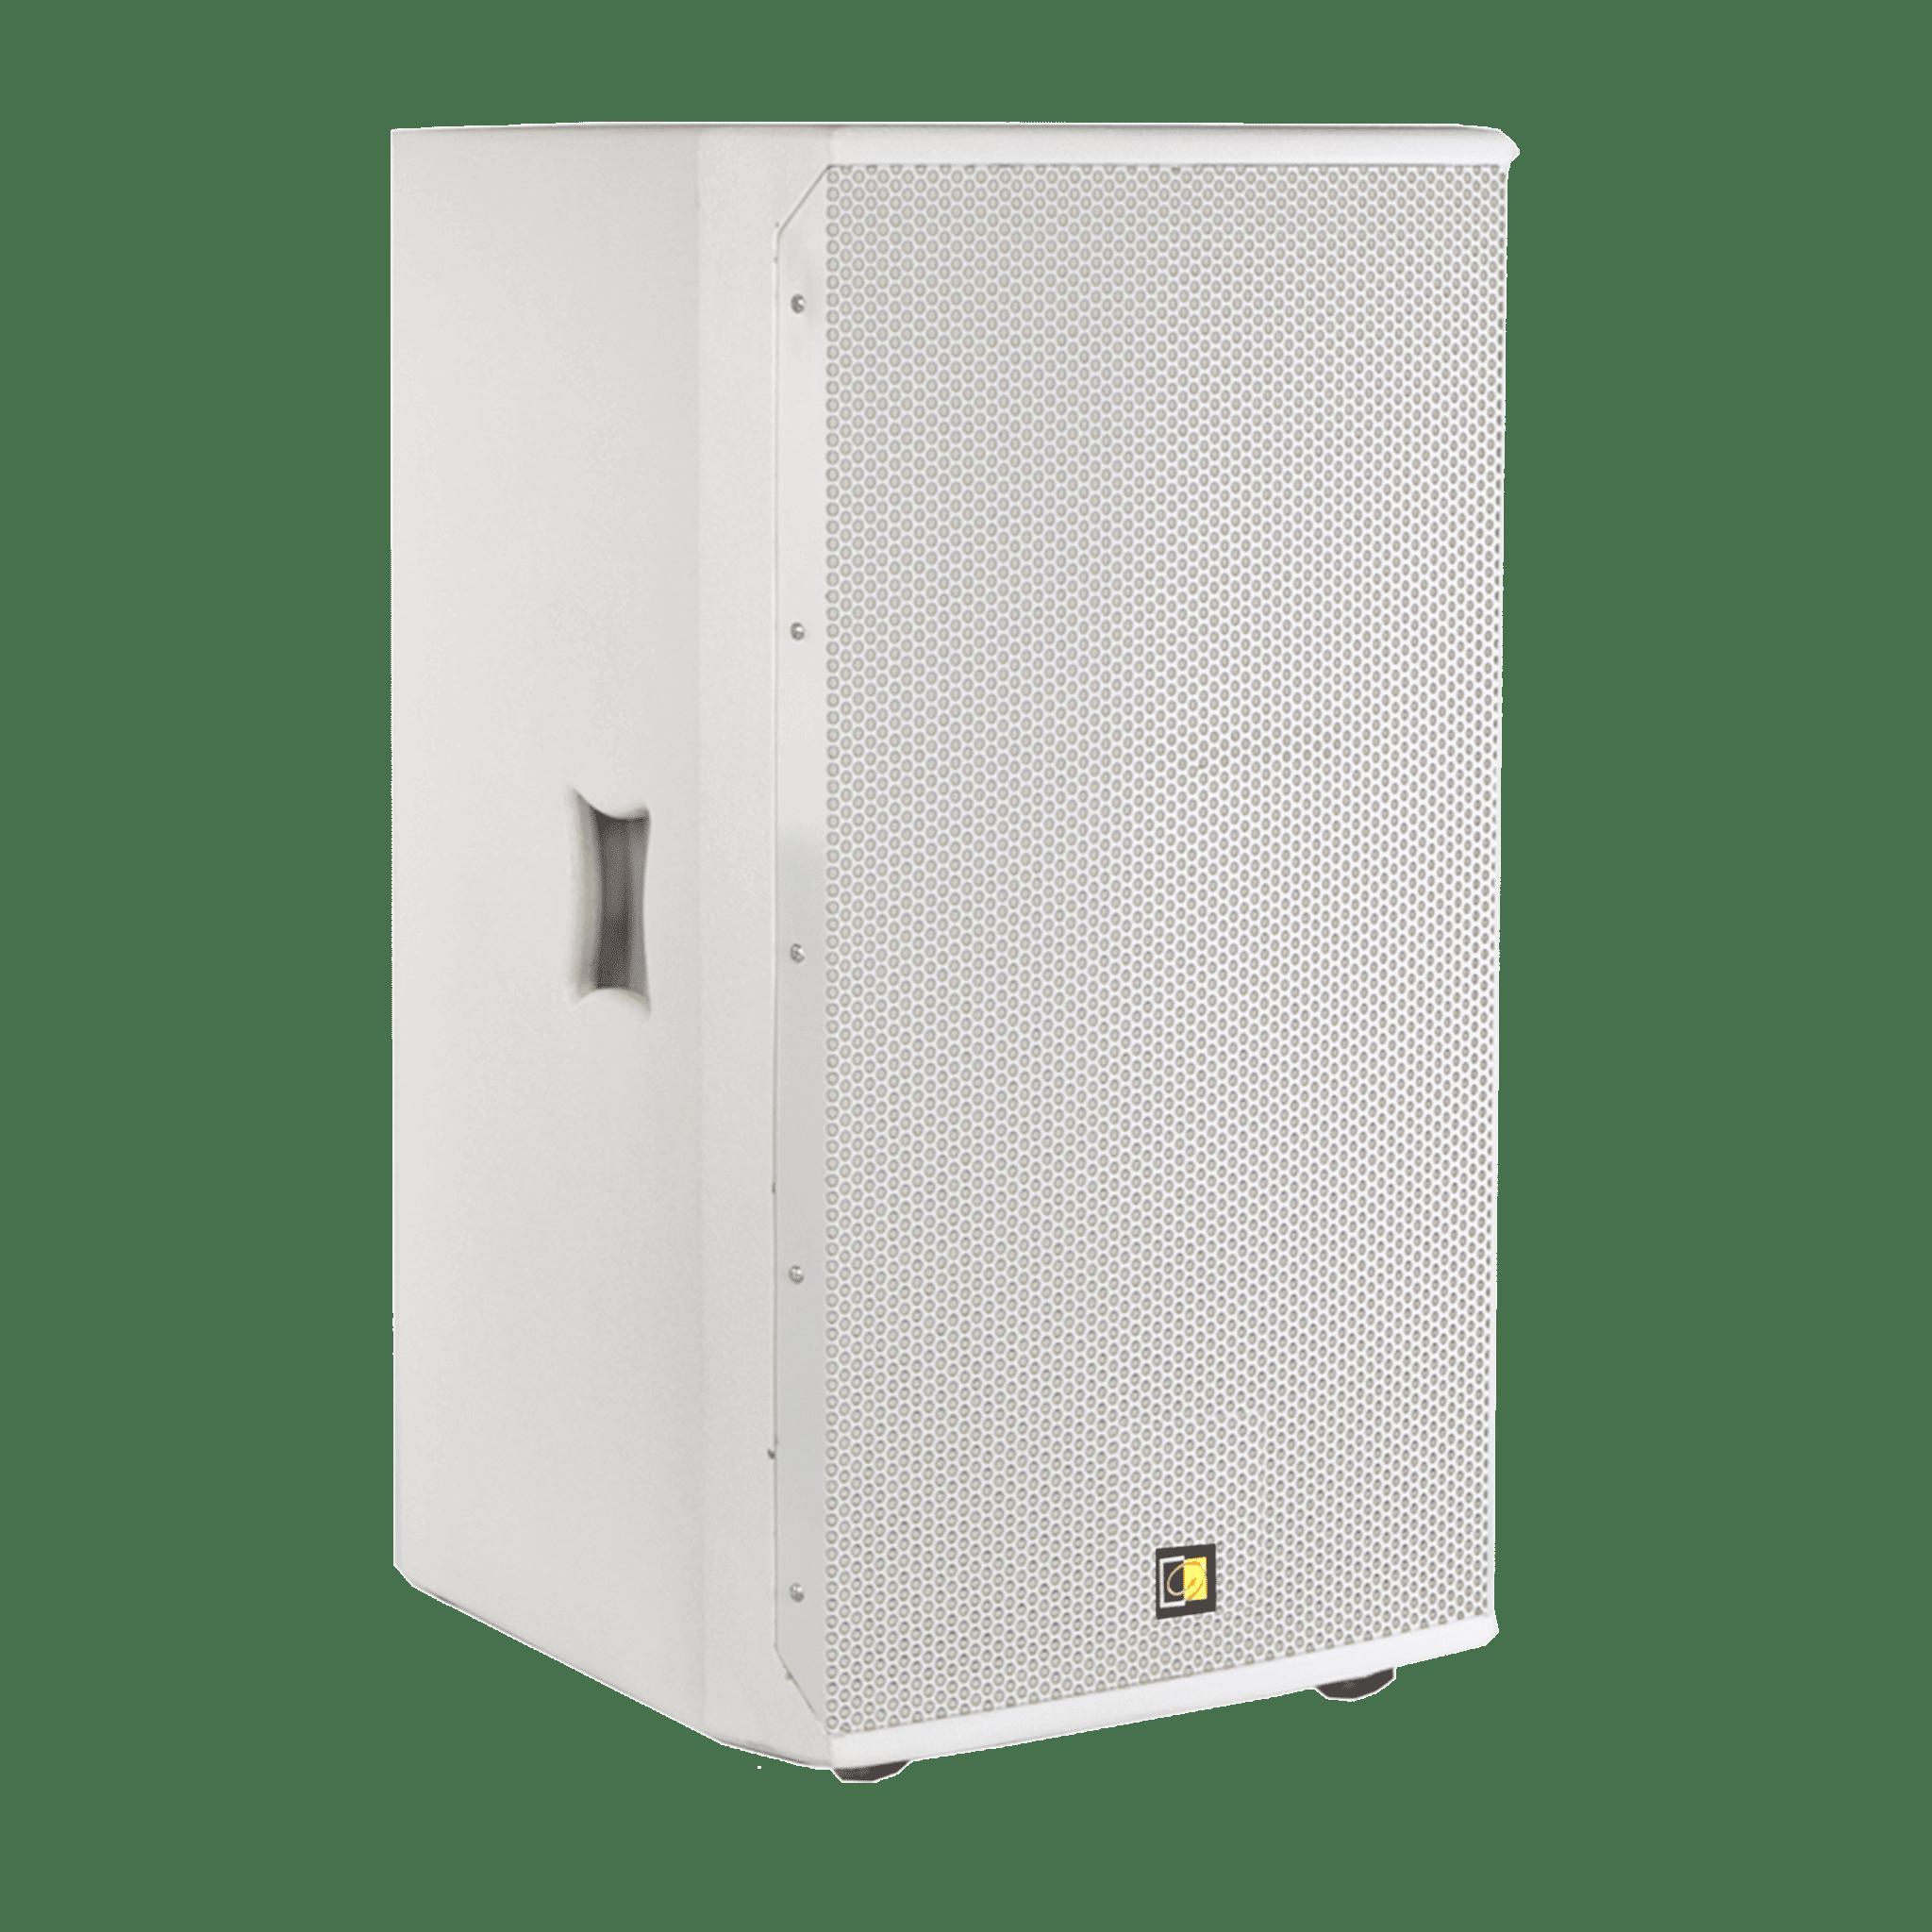 PX110MK2W - White version